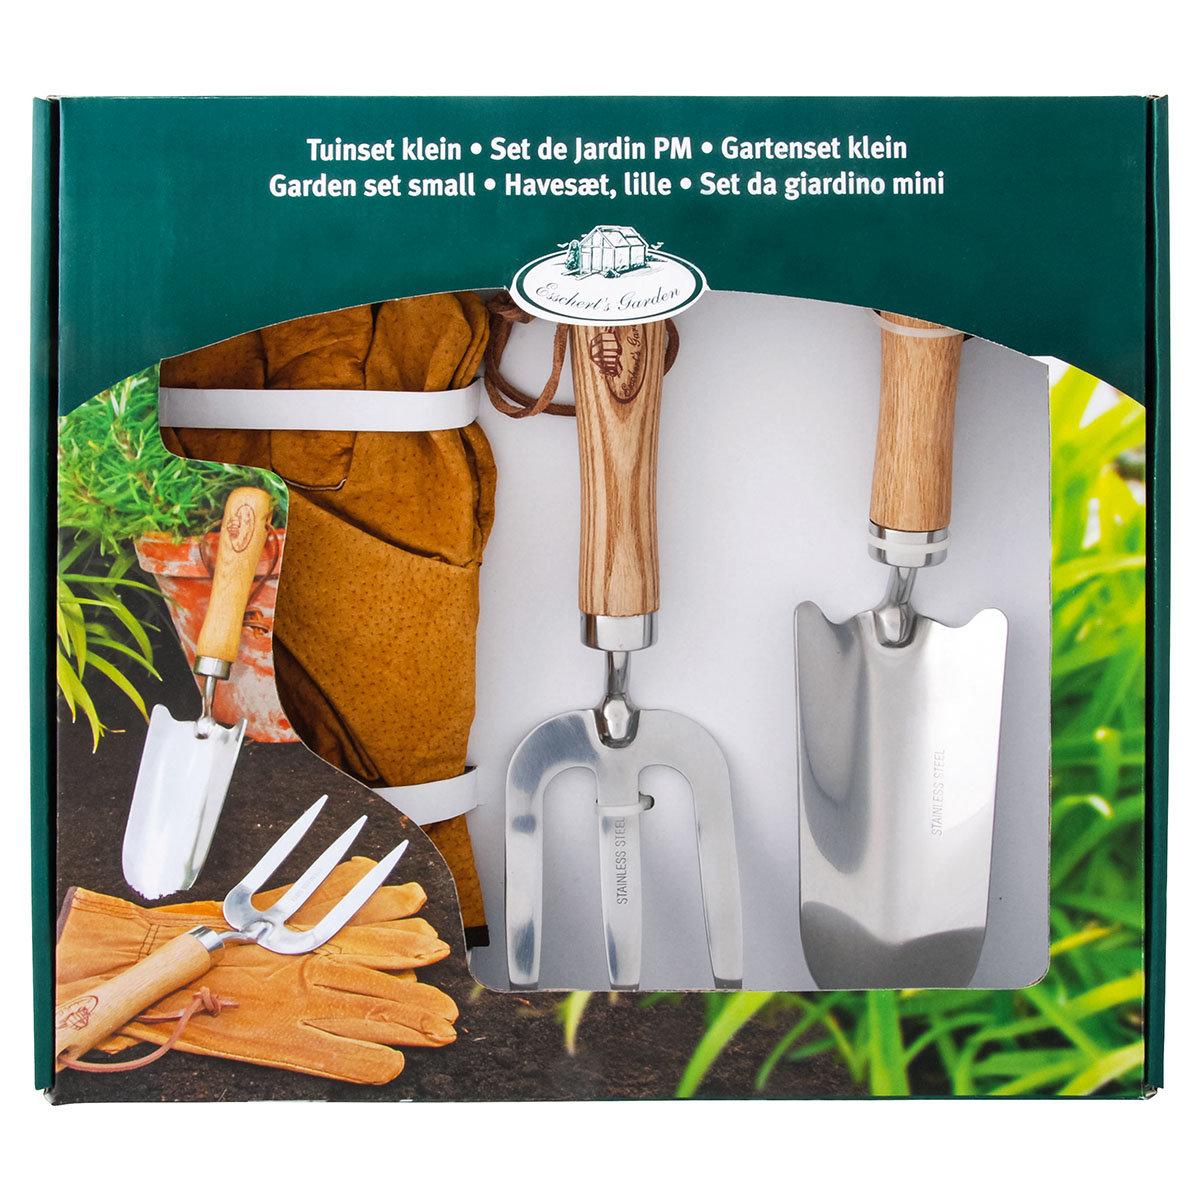 Gartenwerkzeug-Set, Hobbygärtner, Eschenholzstiel, Edelstahl, mit Lederhandschuhen | #4